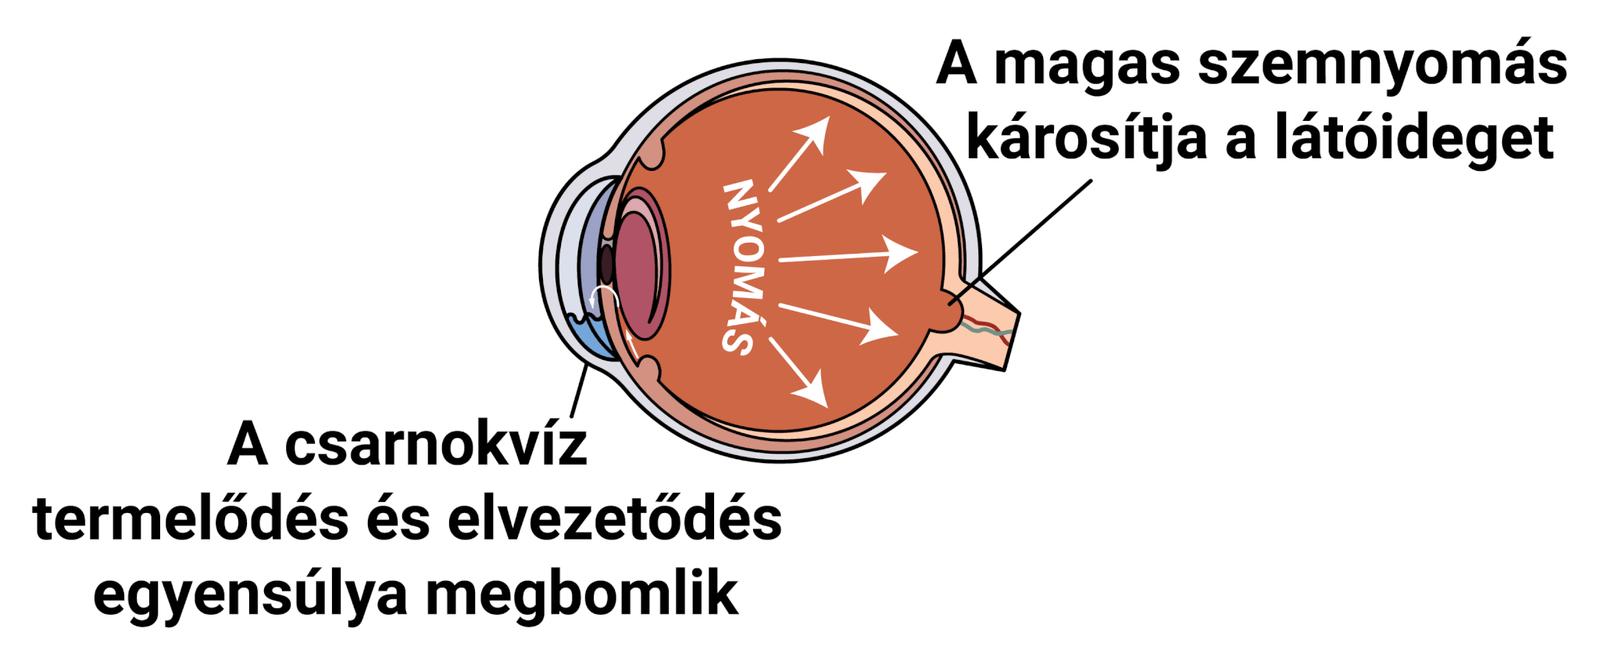 hyperopia és glaucoma